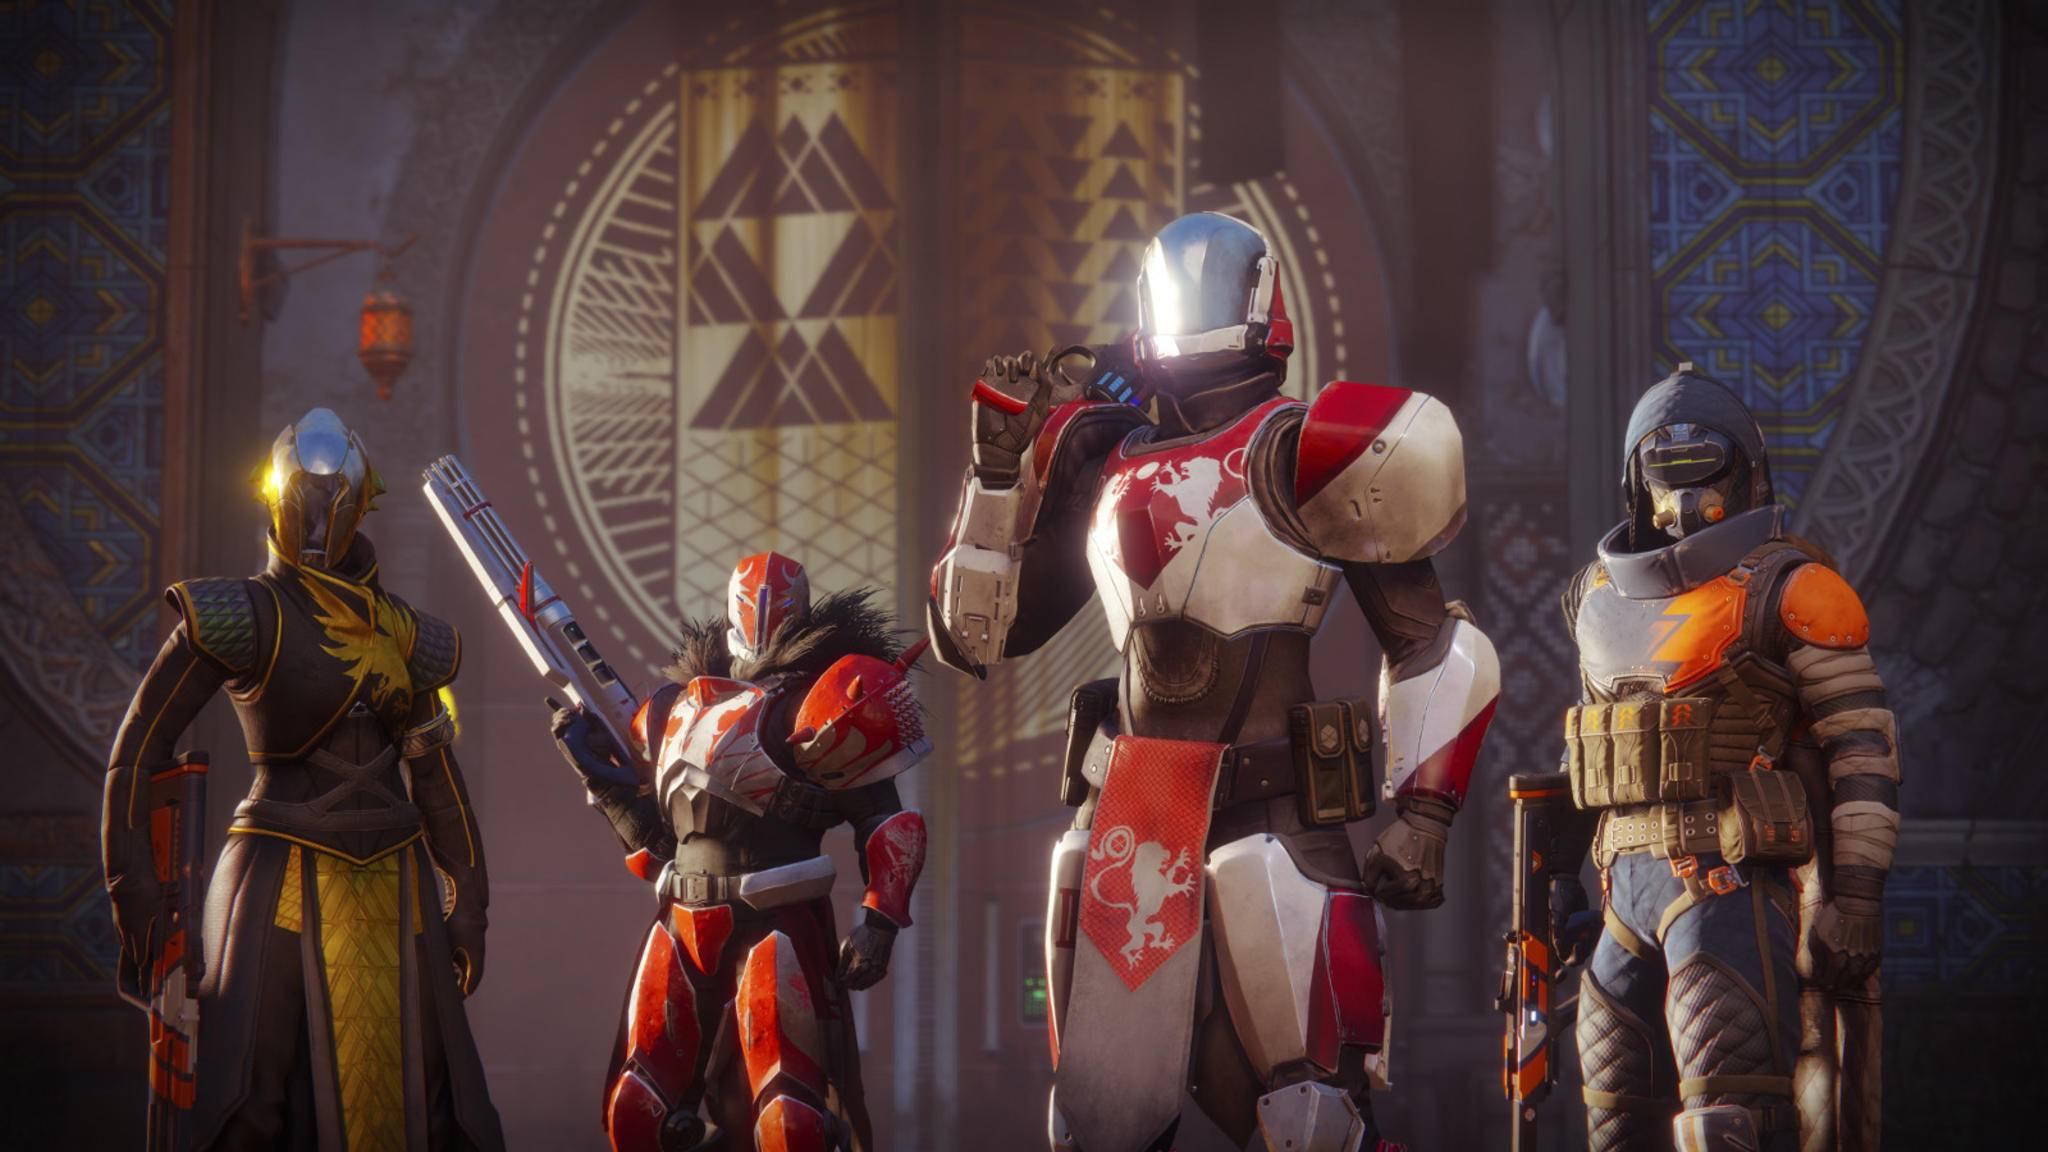 """Erste Details zum DLC """"Curse of Osiris"""" für """"Destiny 2"""" sind bekannt."""